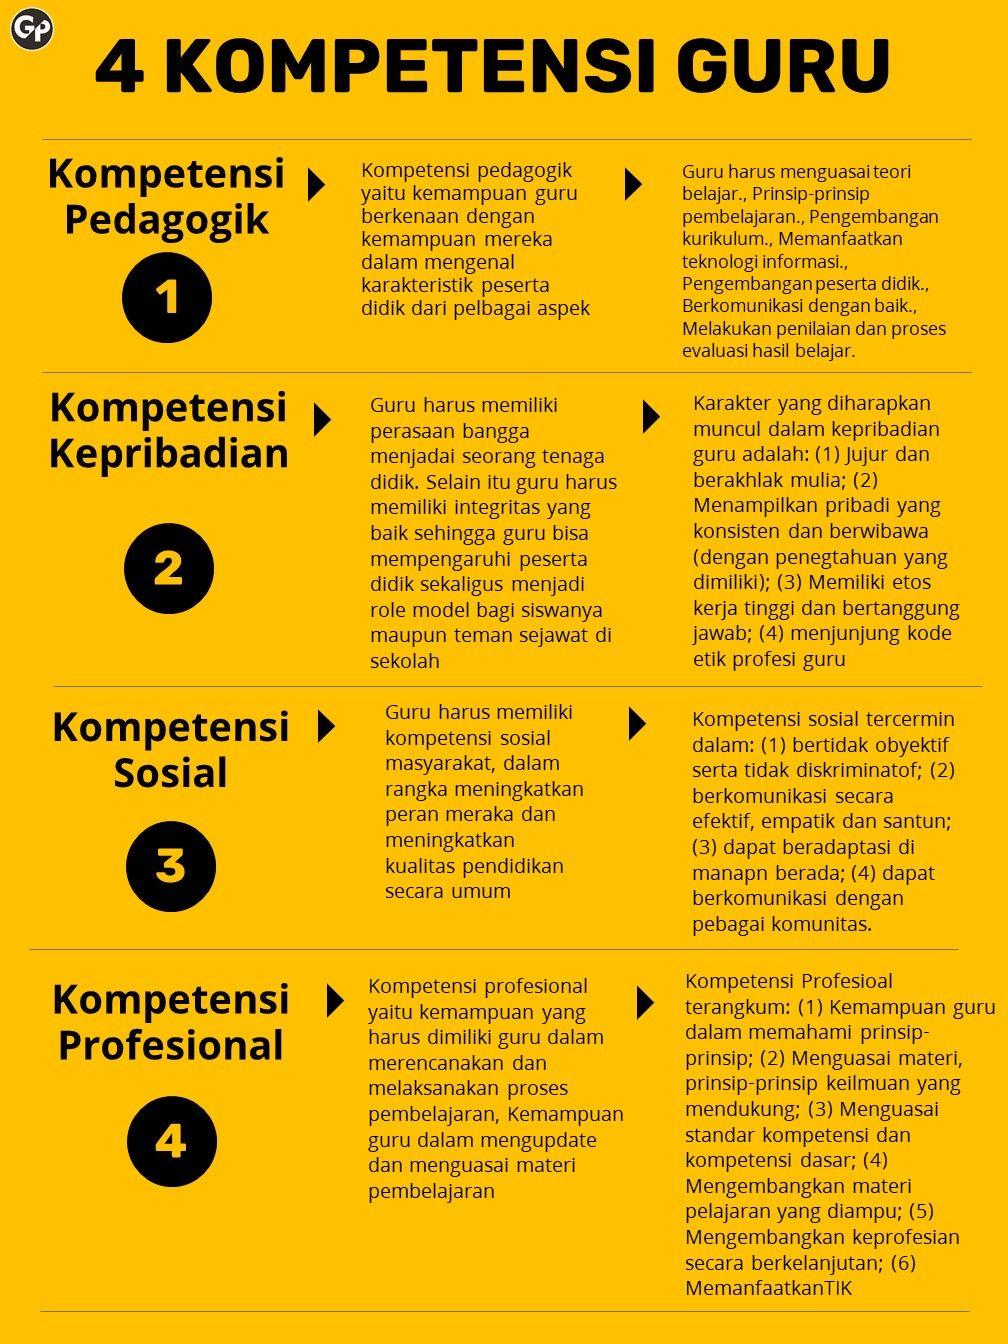 Kompetensi Guru Guru Belajar Kepala Sekolah